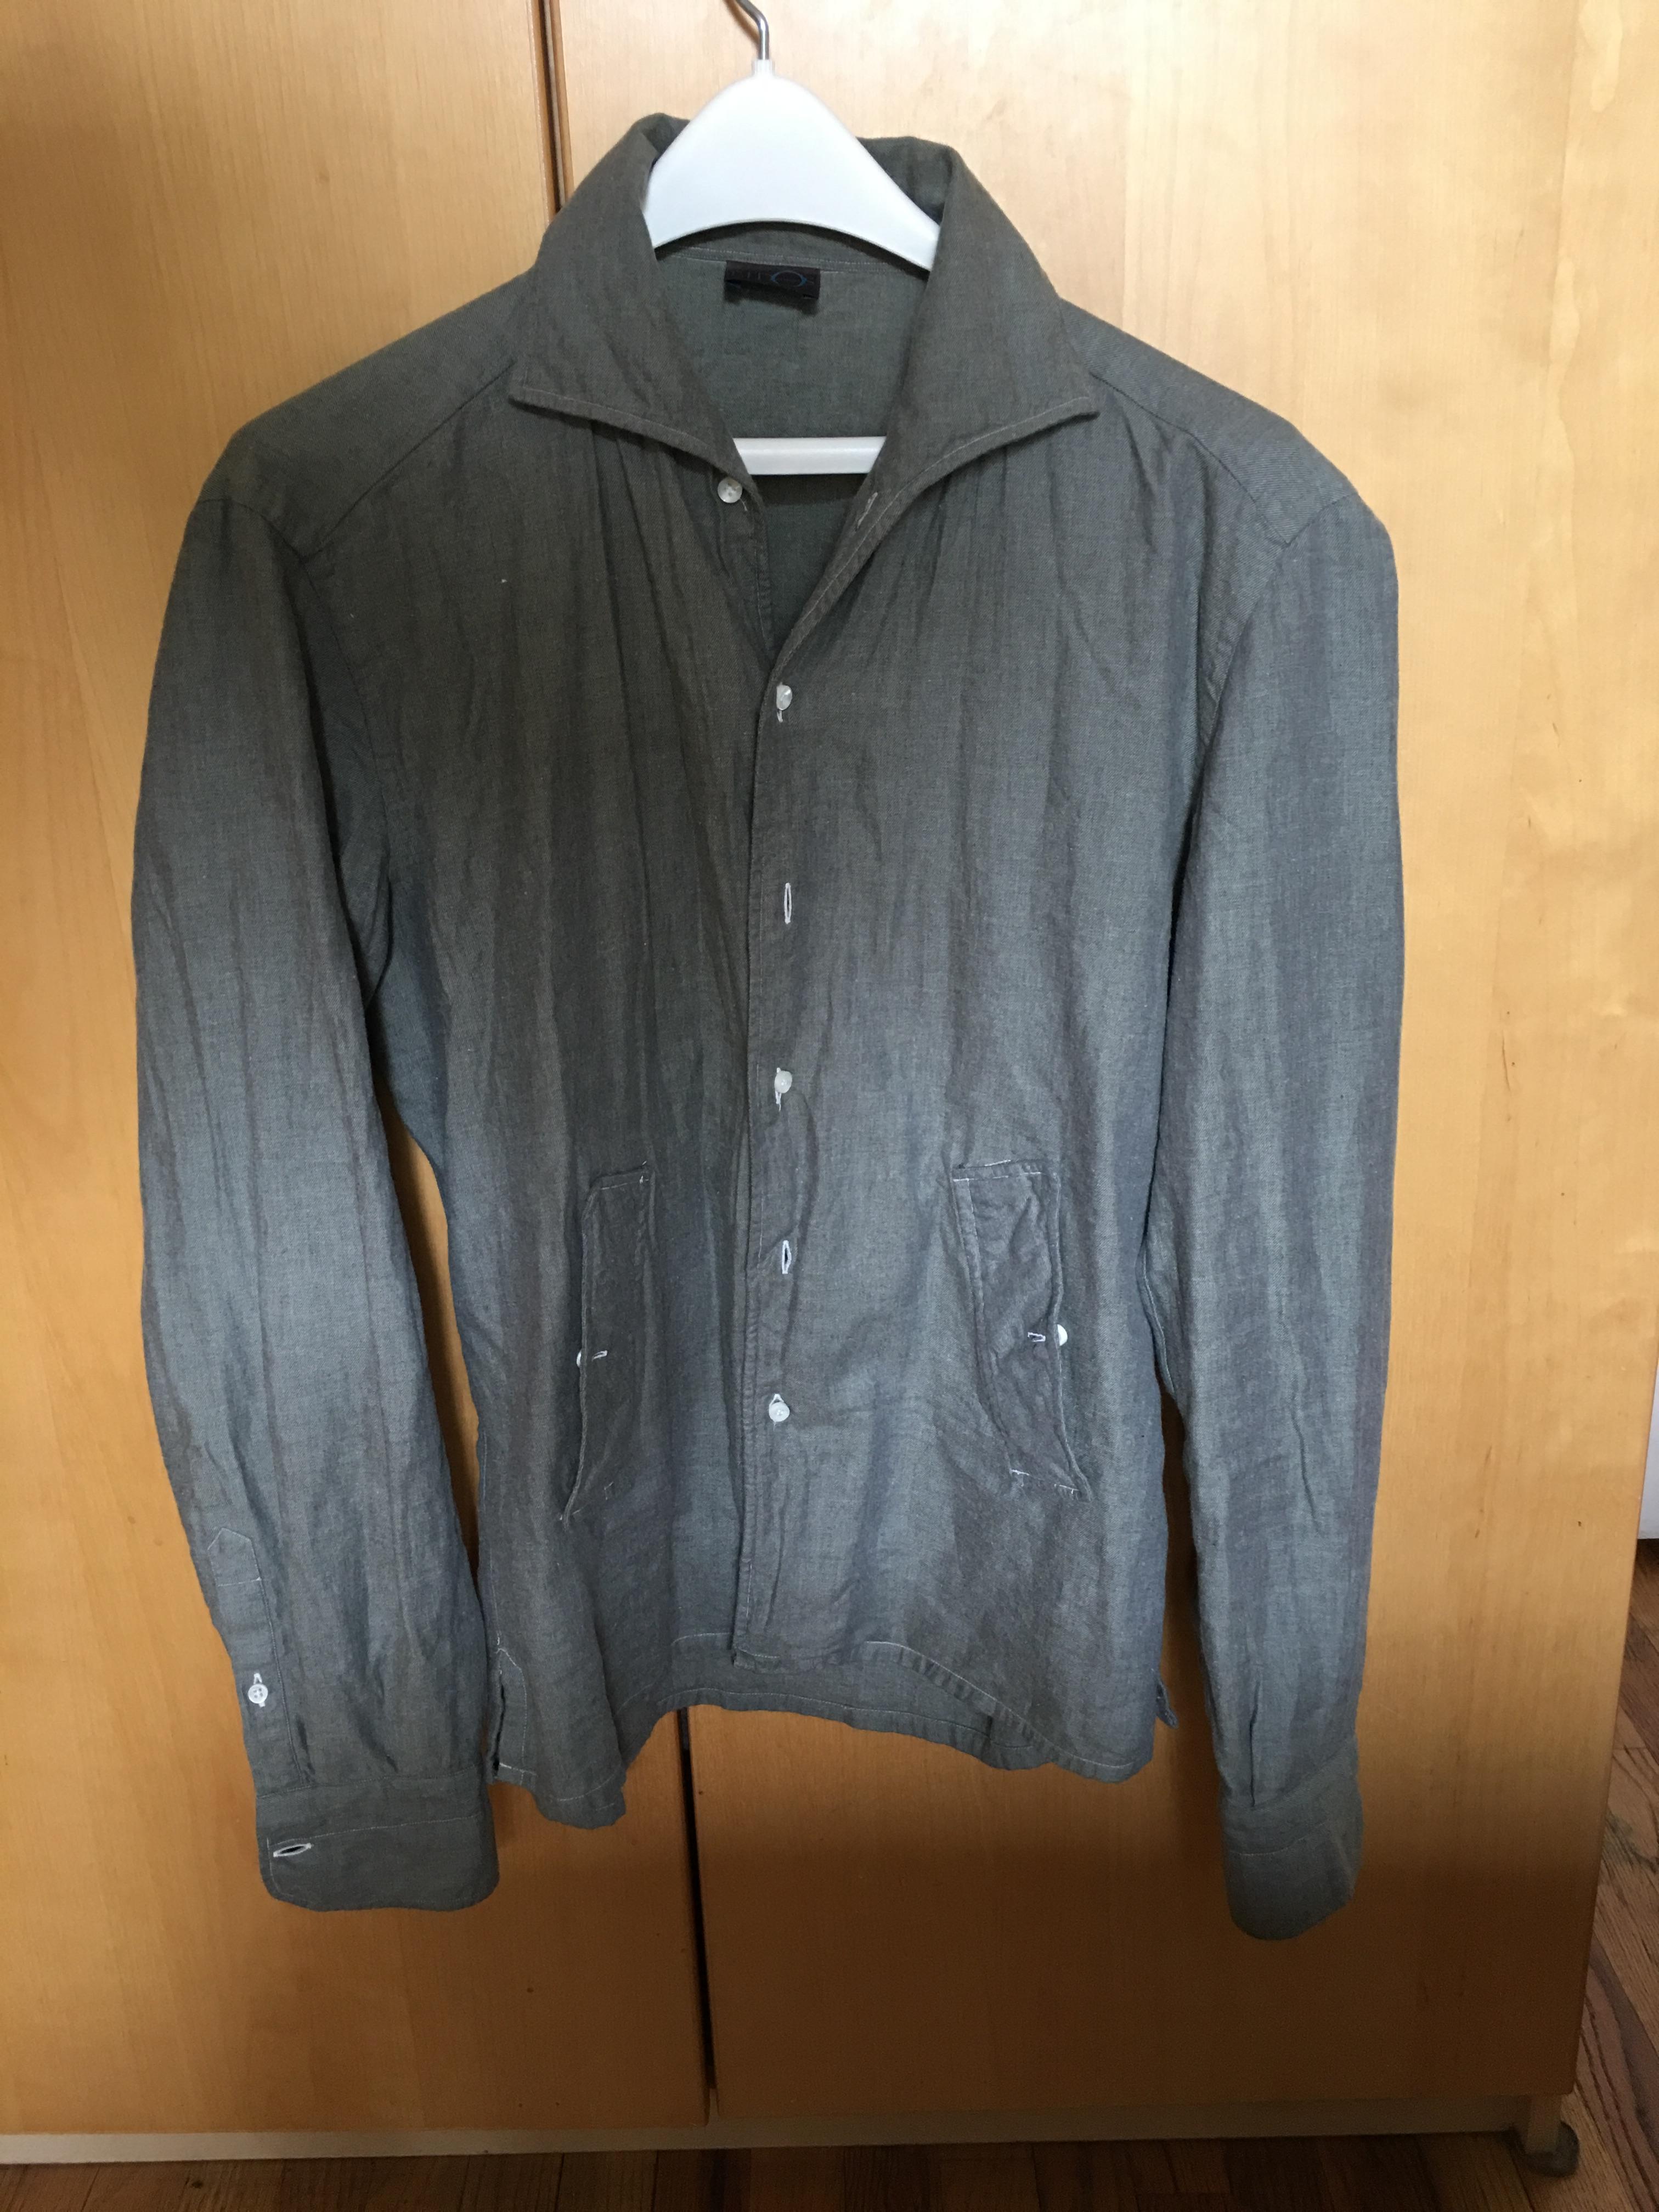 gyasih's photos in Eidos items-Shirts, PS.